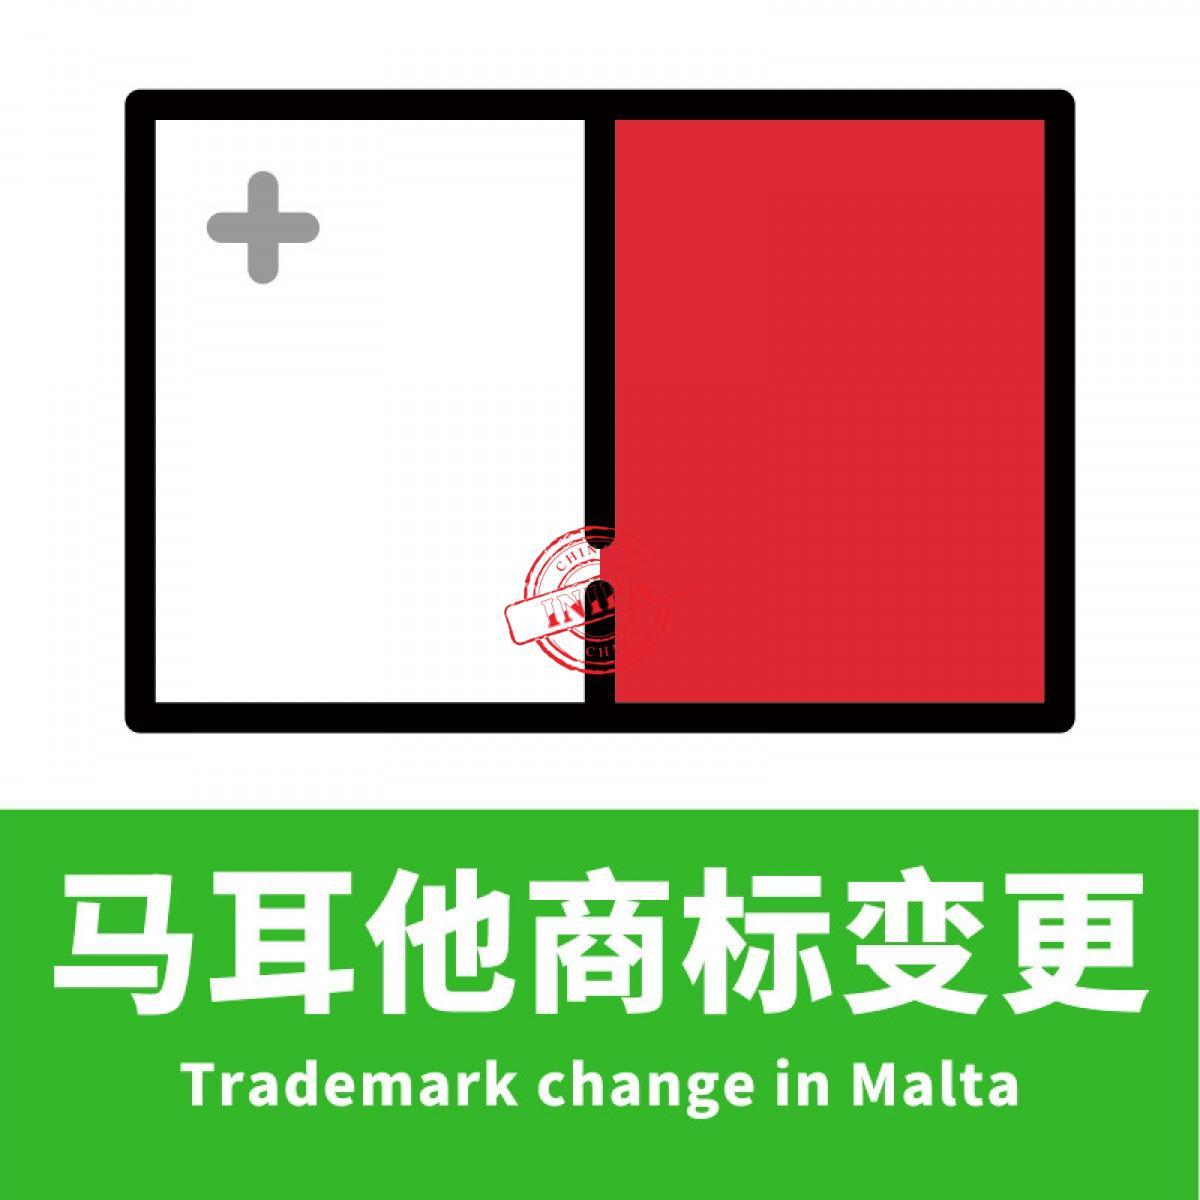 马耳他商标变更/Trademark change in Malta